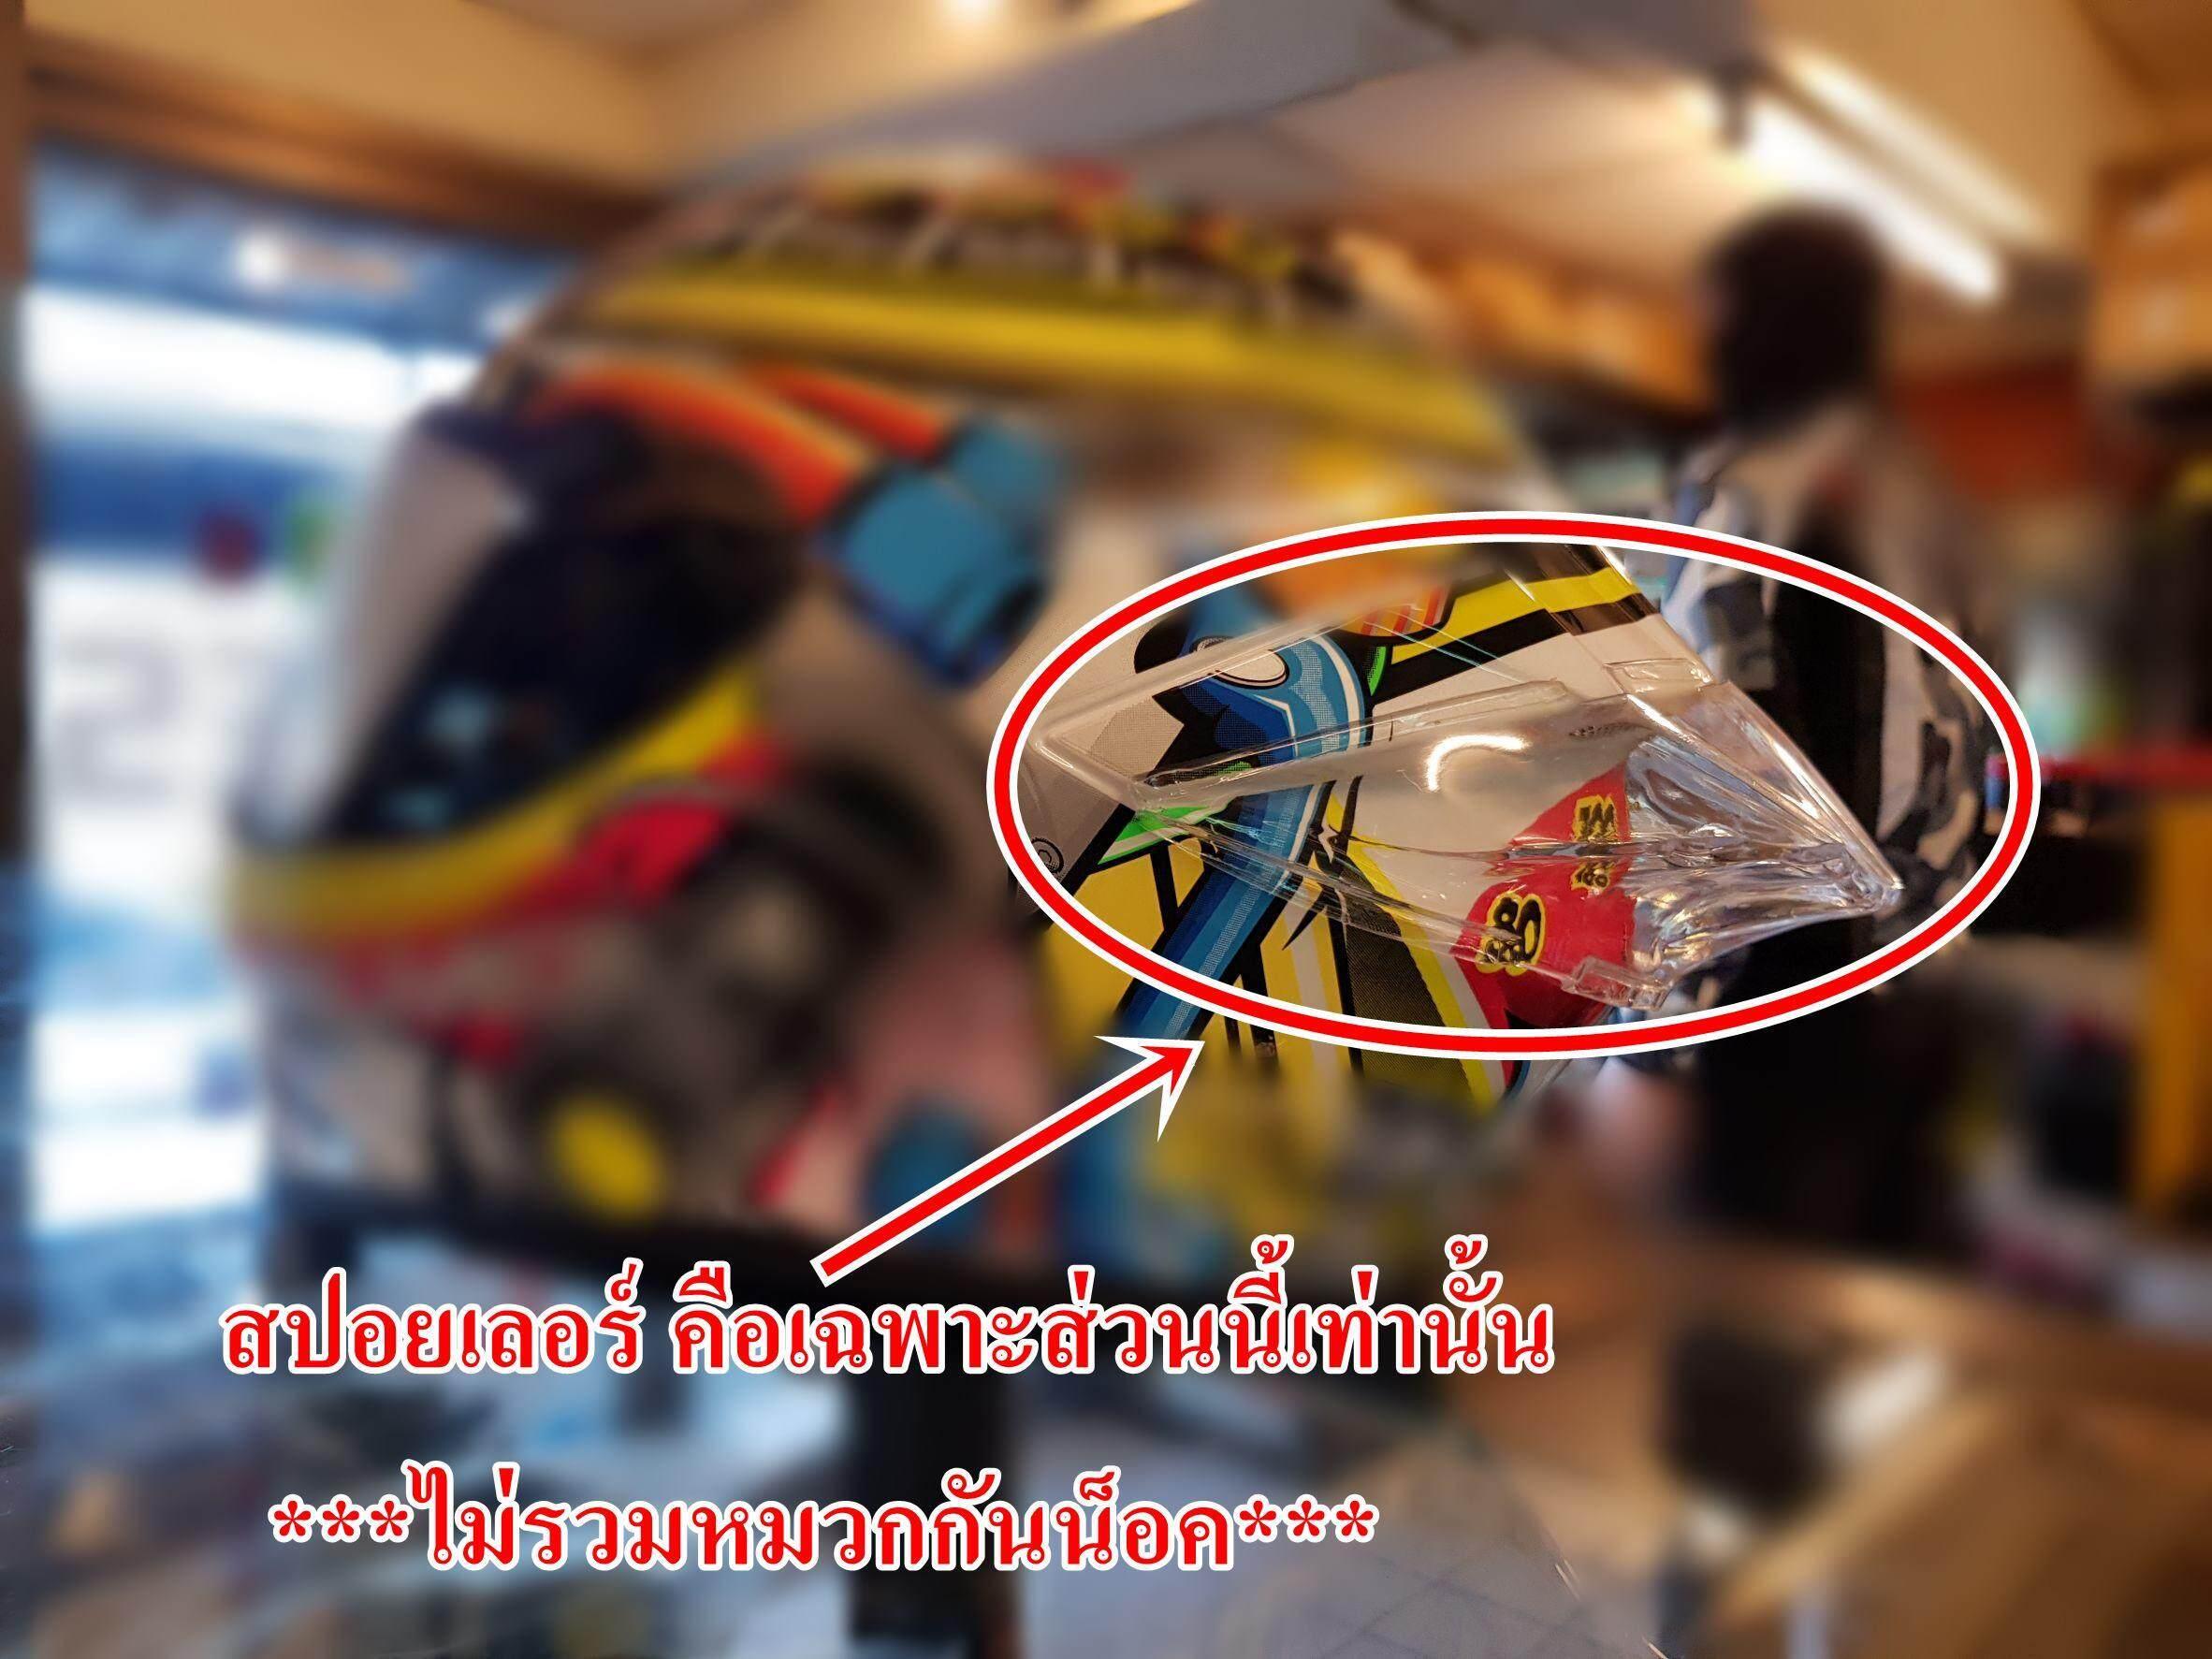 สปอยเลอร์แต่ง(ไม่รวมหมวกกันน็อค) สีใส สำหรับรุ่น Bilmola Rapid ***รบกวนอ่านรายละเอียดก่อนการสั่งซื้อนะคะ*** By Armybikesshop.